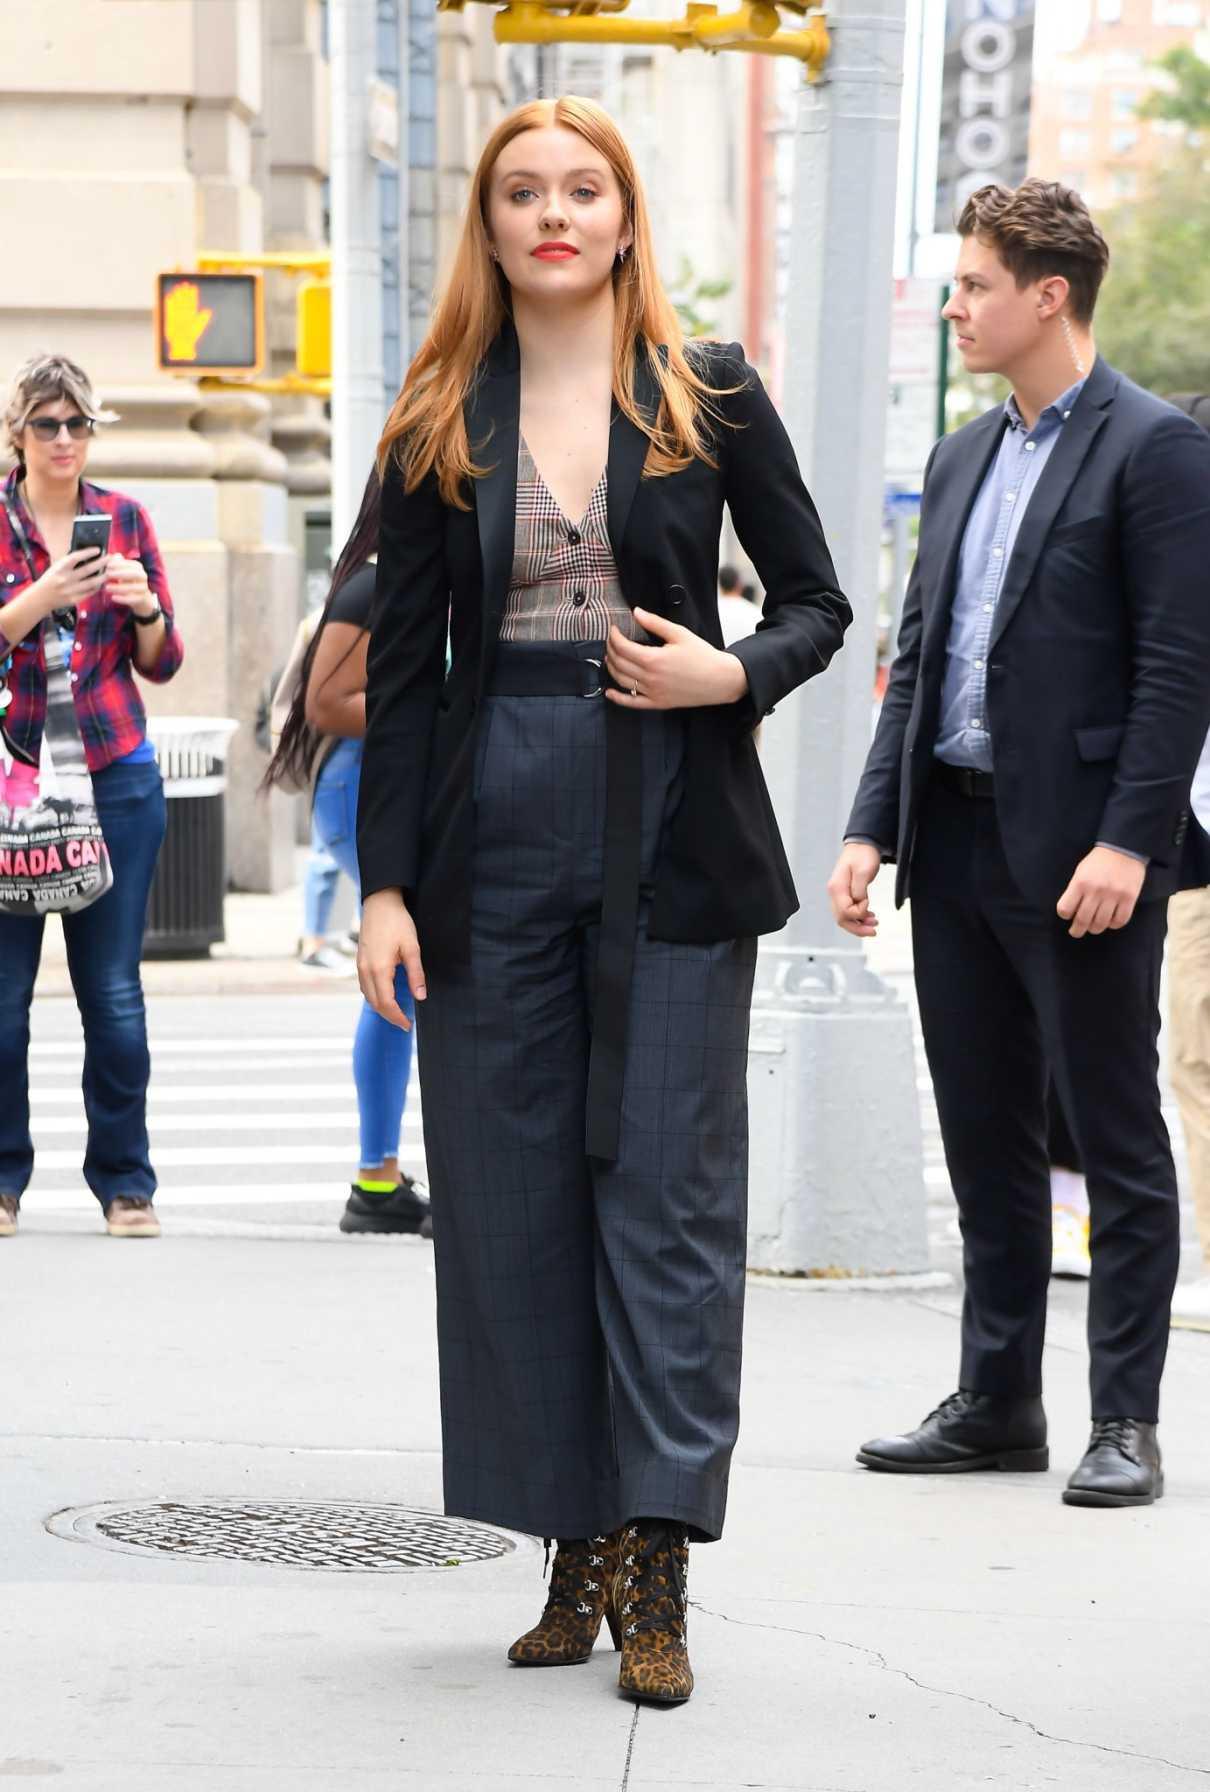 Kennedy Mcmann in a Black Blazer